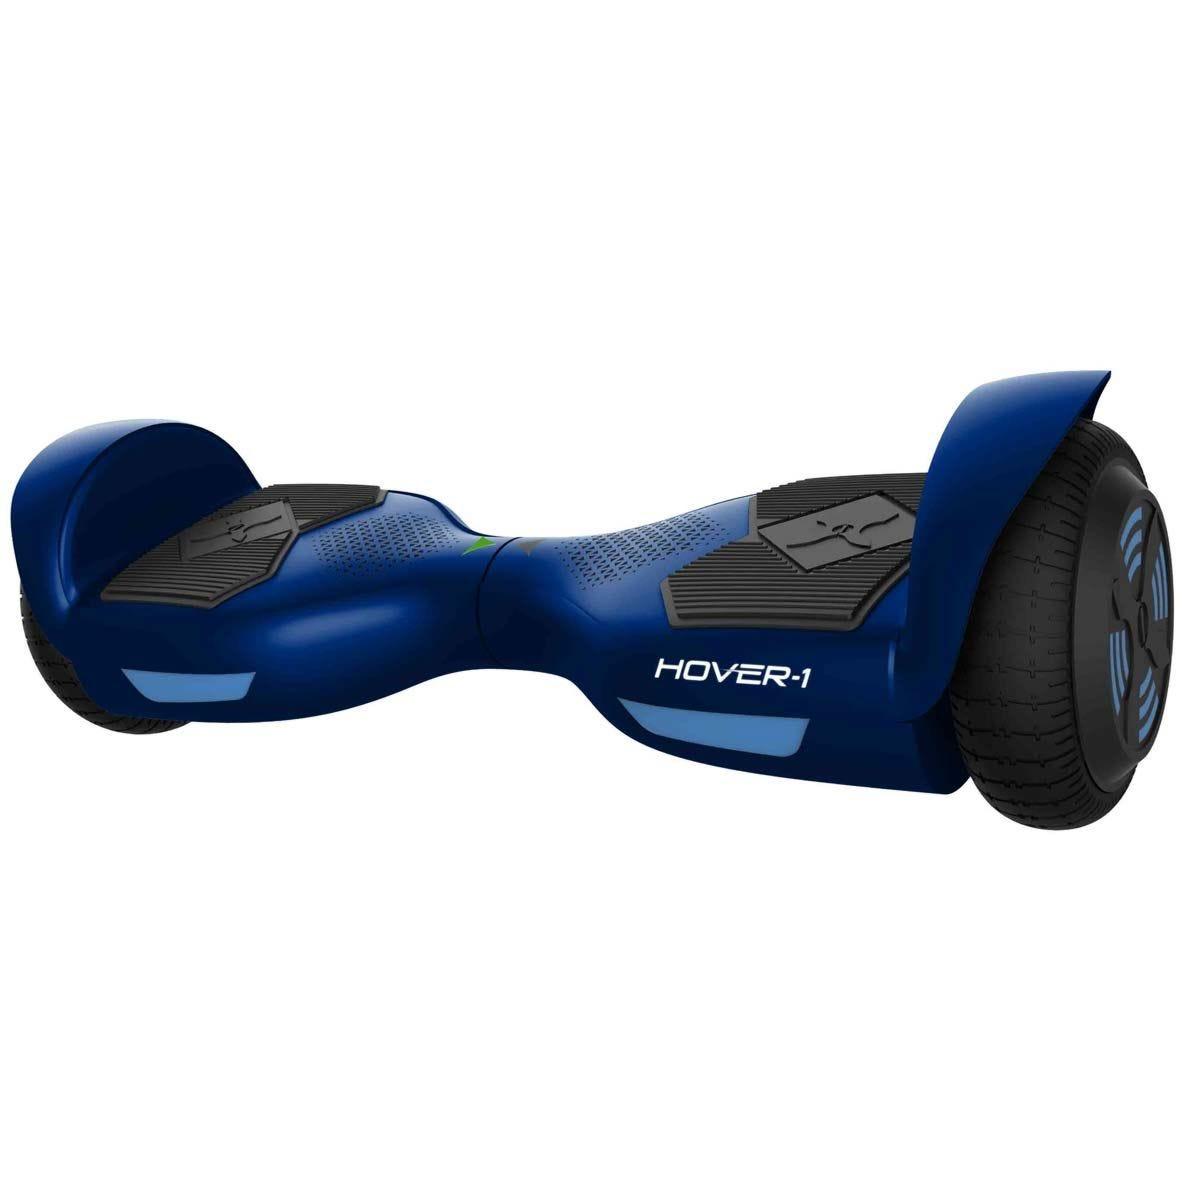 Hover-1 Helix Hoverboard Dusk Blue